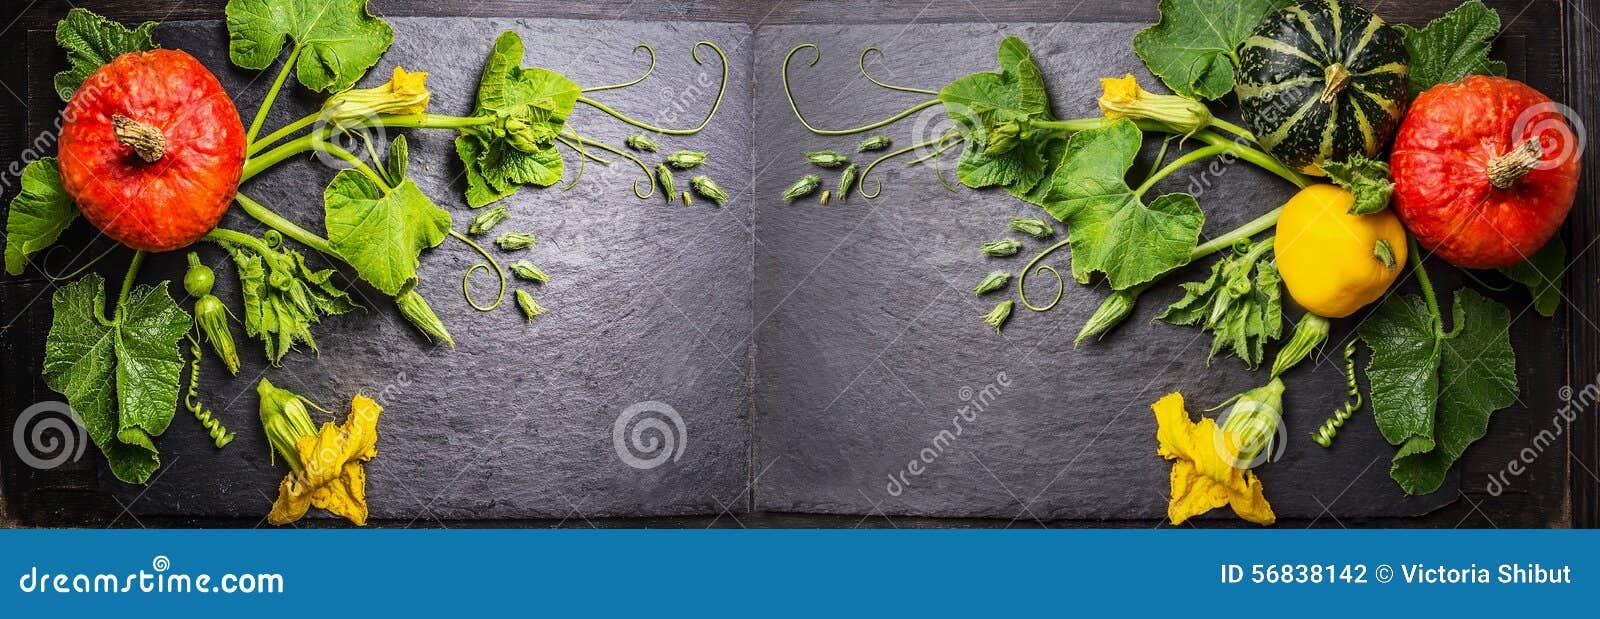 Mod le de potiron avec des fleurs des tiges et des feuilles sur le fond fonc d 39 ardoise - Feuille d ardoise ...